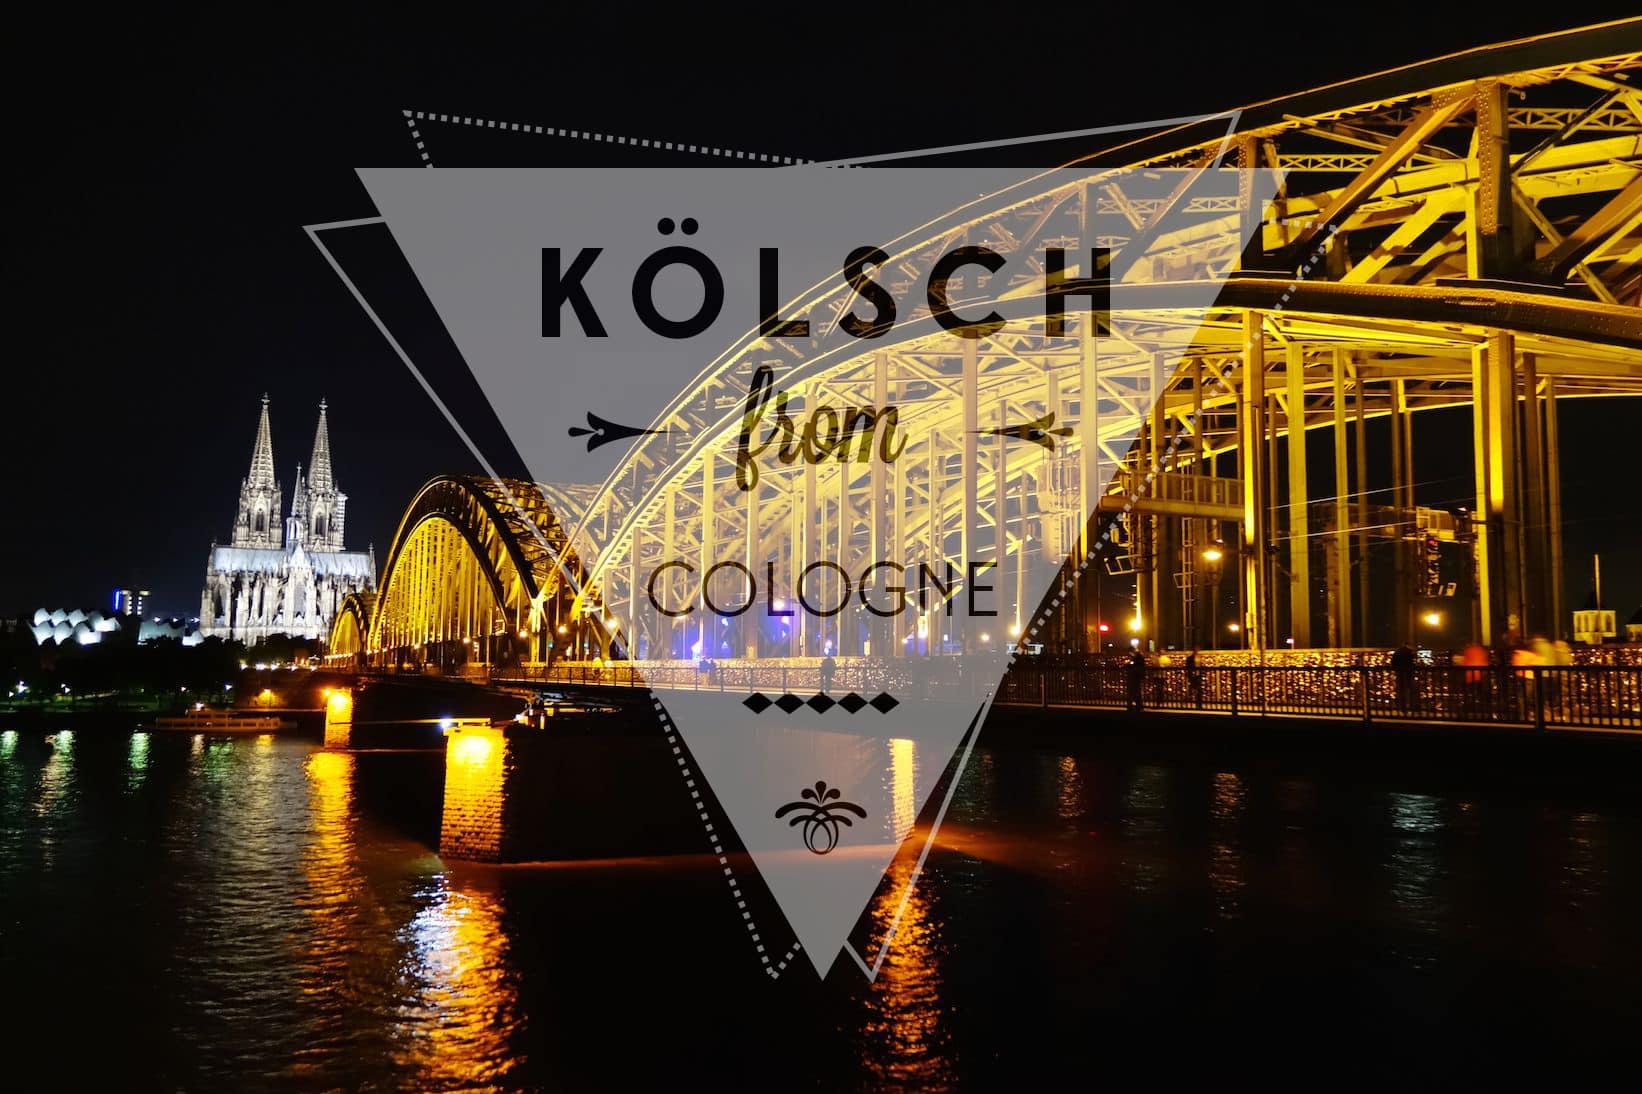 Köln ist immer wieder ein Kölsch wert